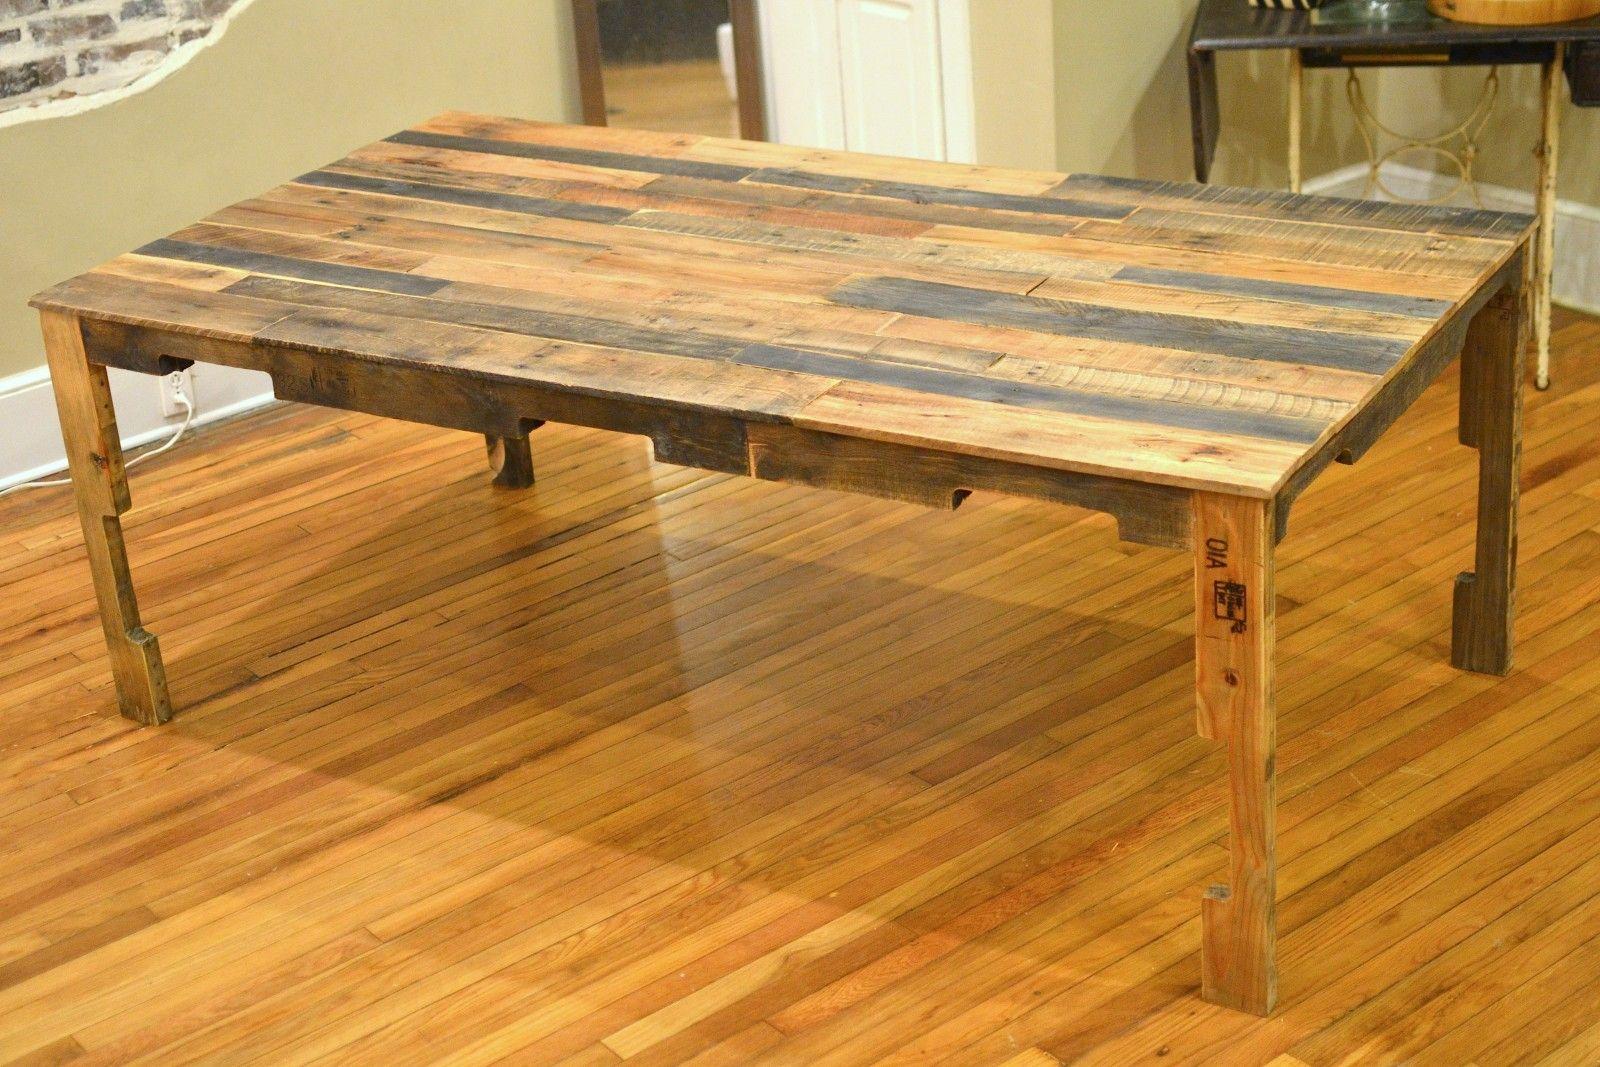 Os ense amos como poder construir esta estupenda mesa de - Mesa de palets ...